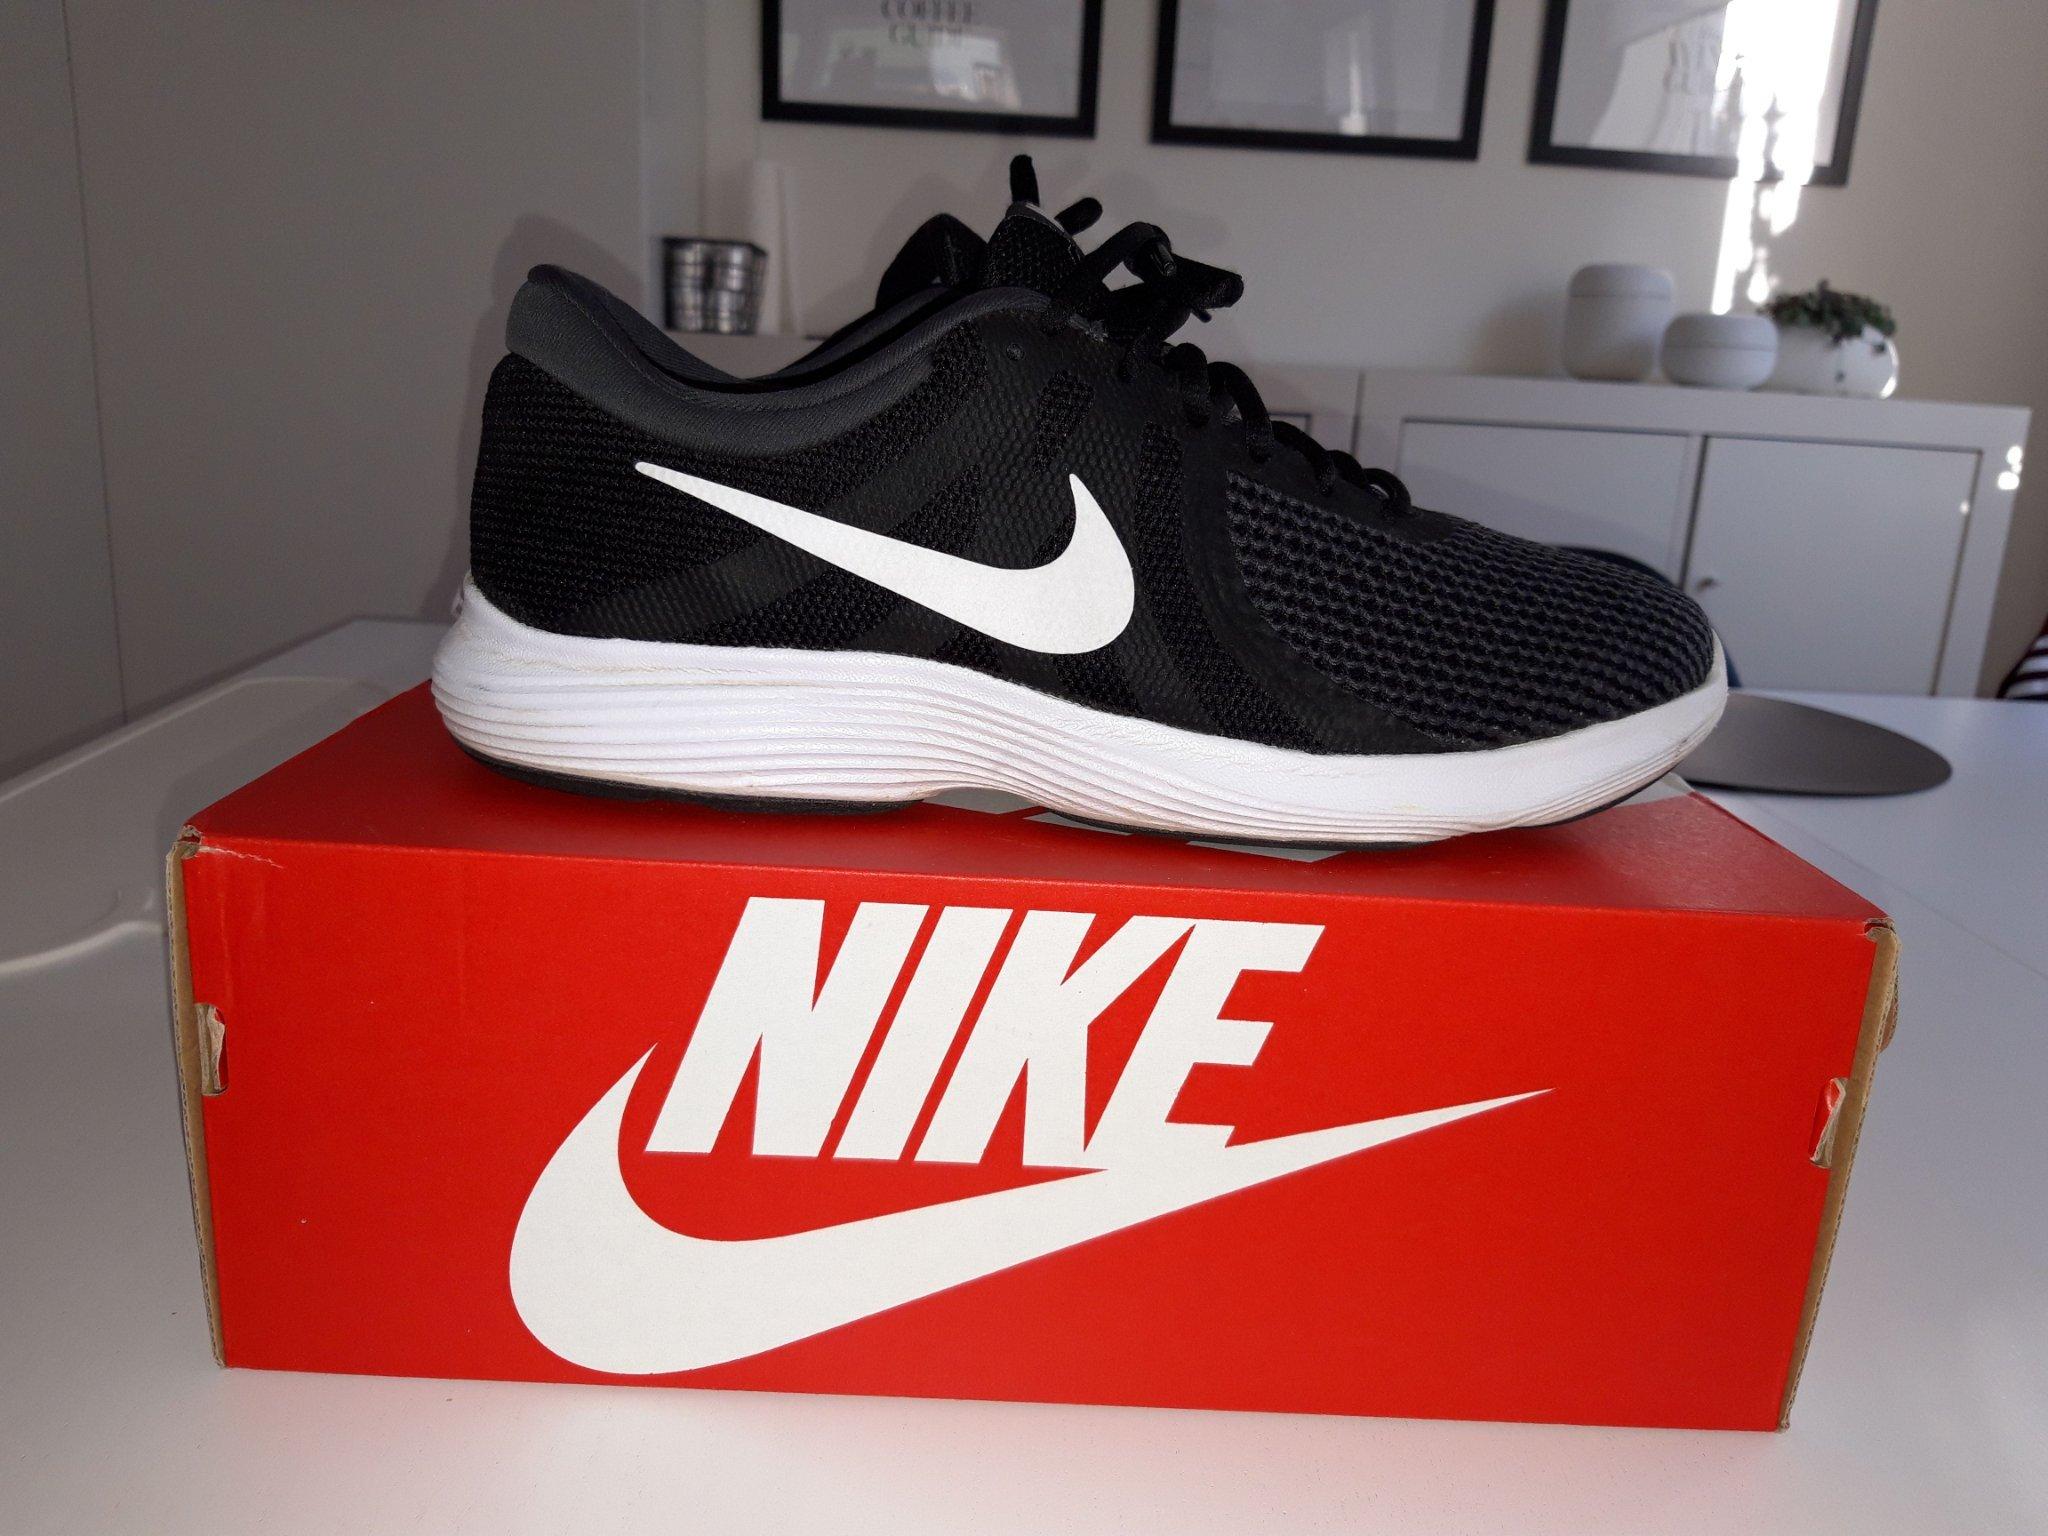 694cd3bc3de Nya Nike Skor oanvända Sneakers (351409451) ᐈ Köp på Tradera